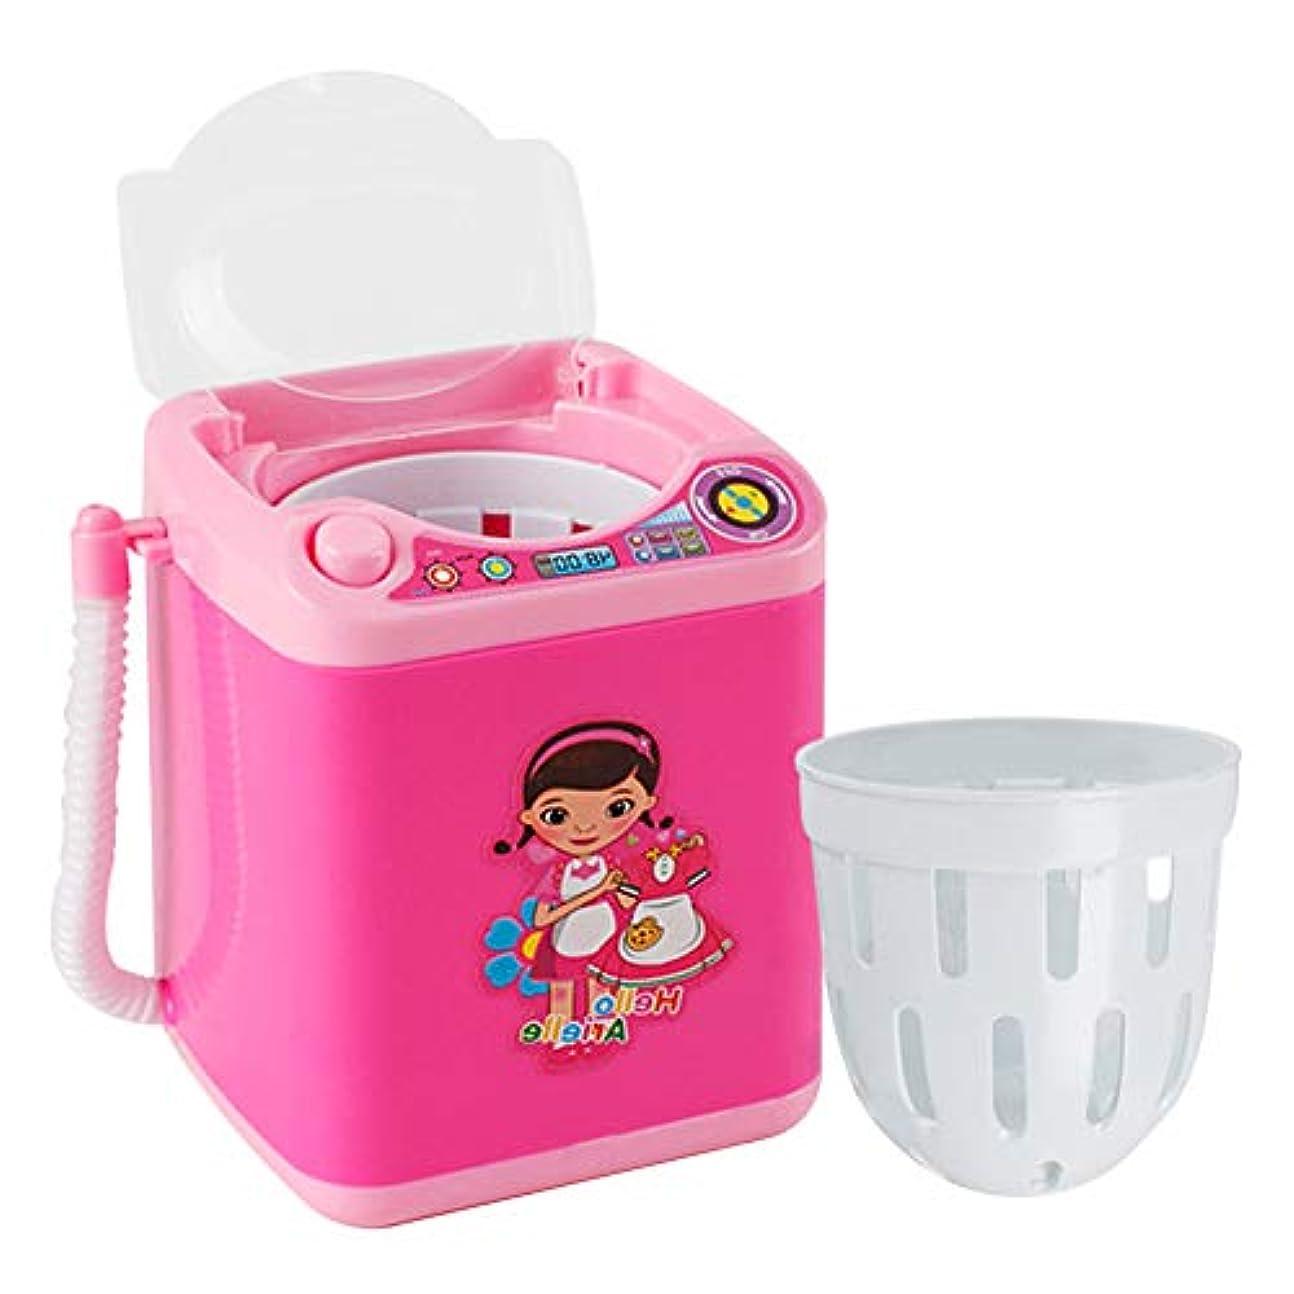 ダイエット広がり辞任するメイクアップブラシクリーナー、ミニ自動メイクアップブラシクリーニング装置、メイクアップブラシを清潔に保ち、自動かつ迅速なクリーニング(ピンク)